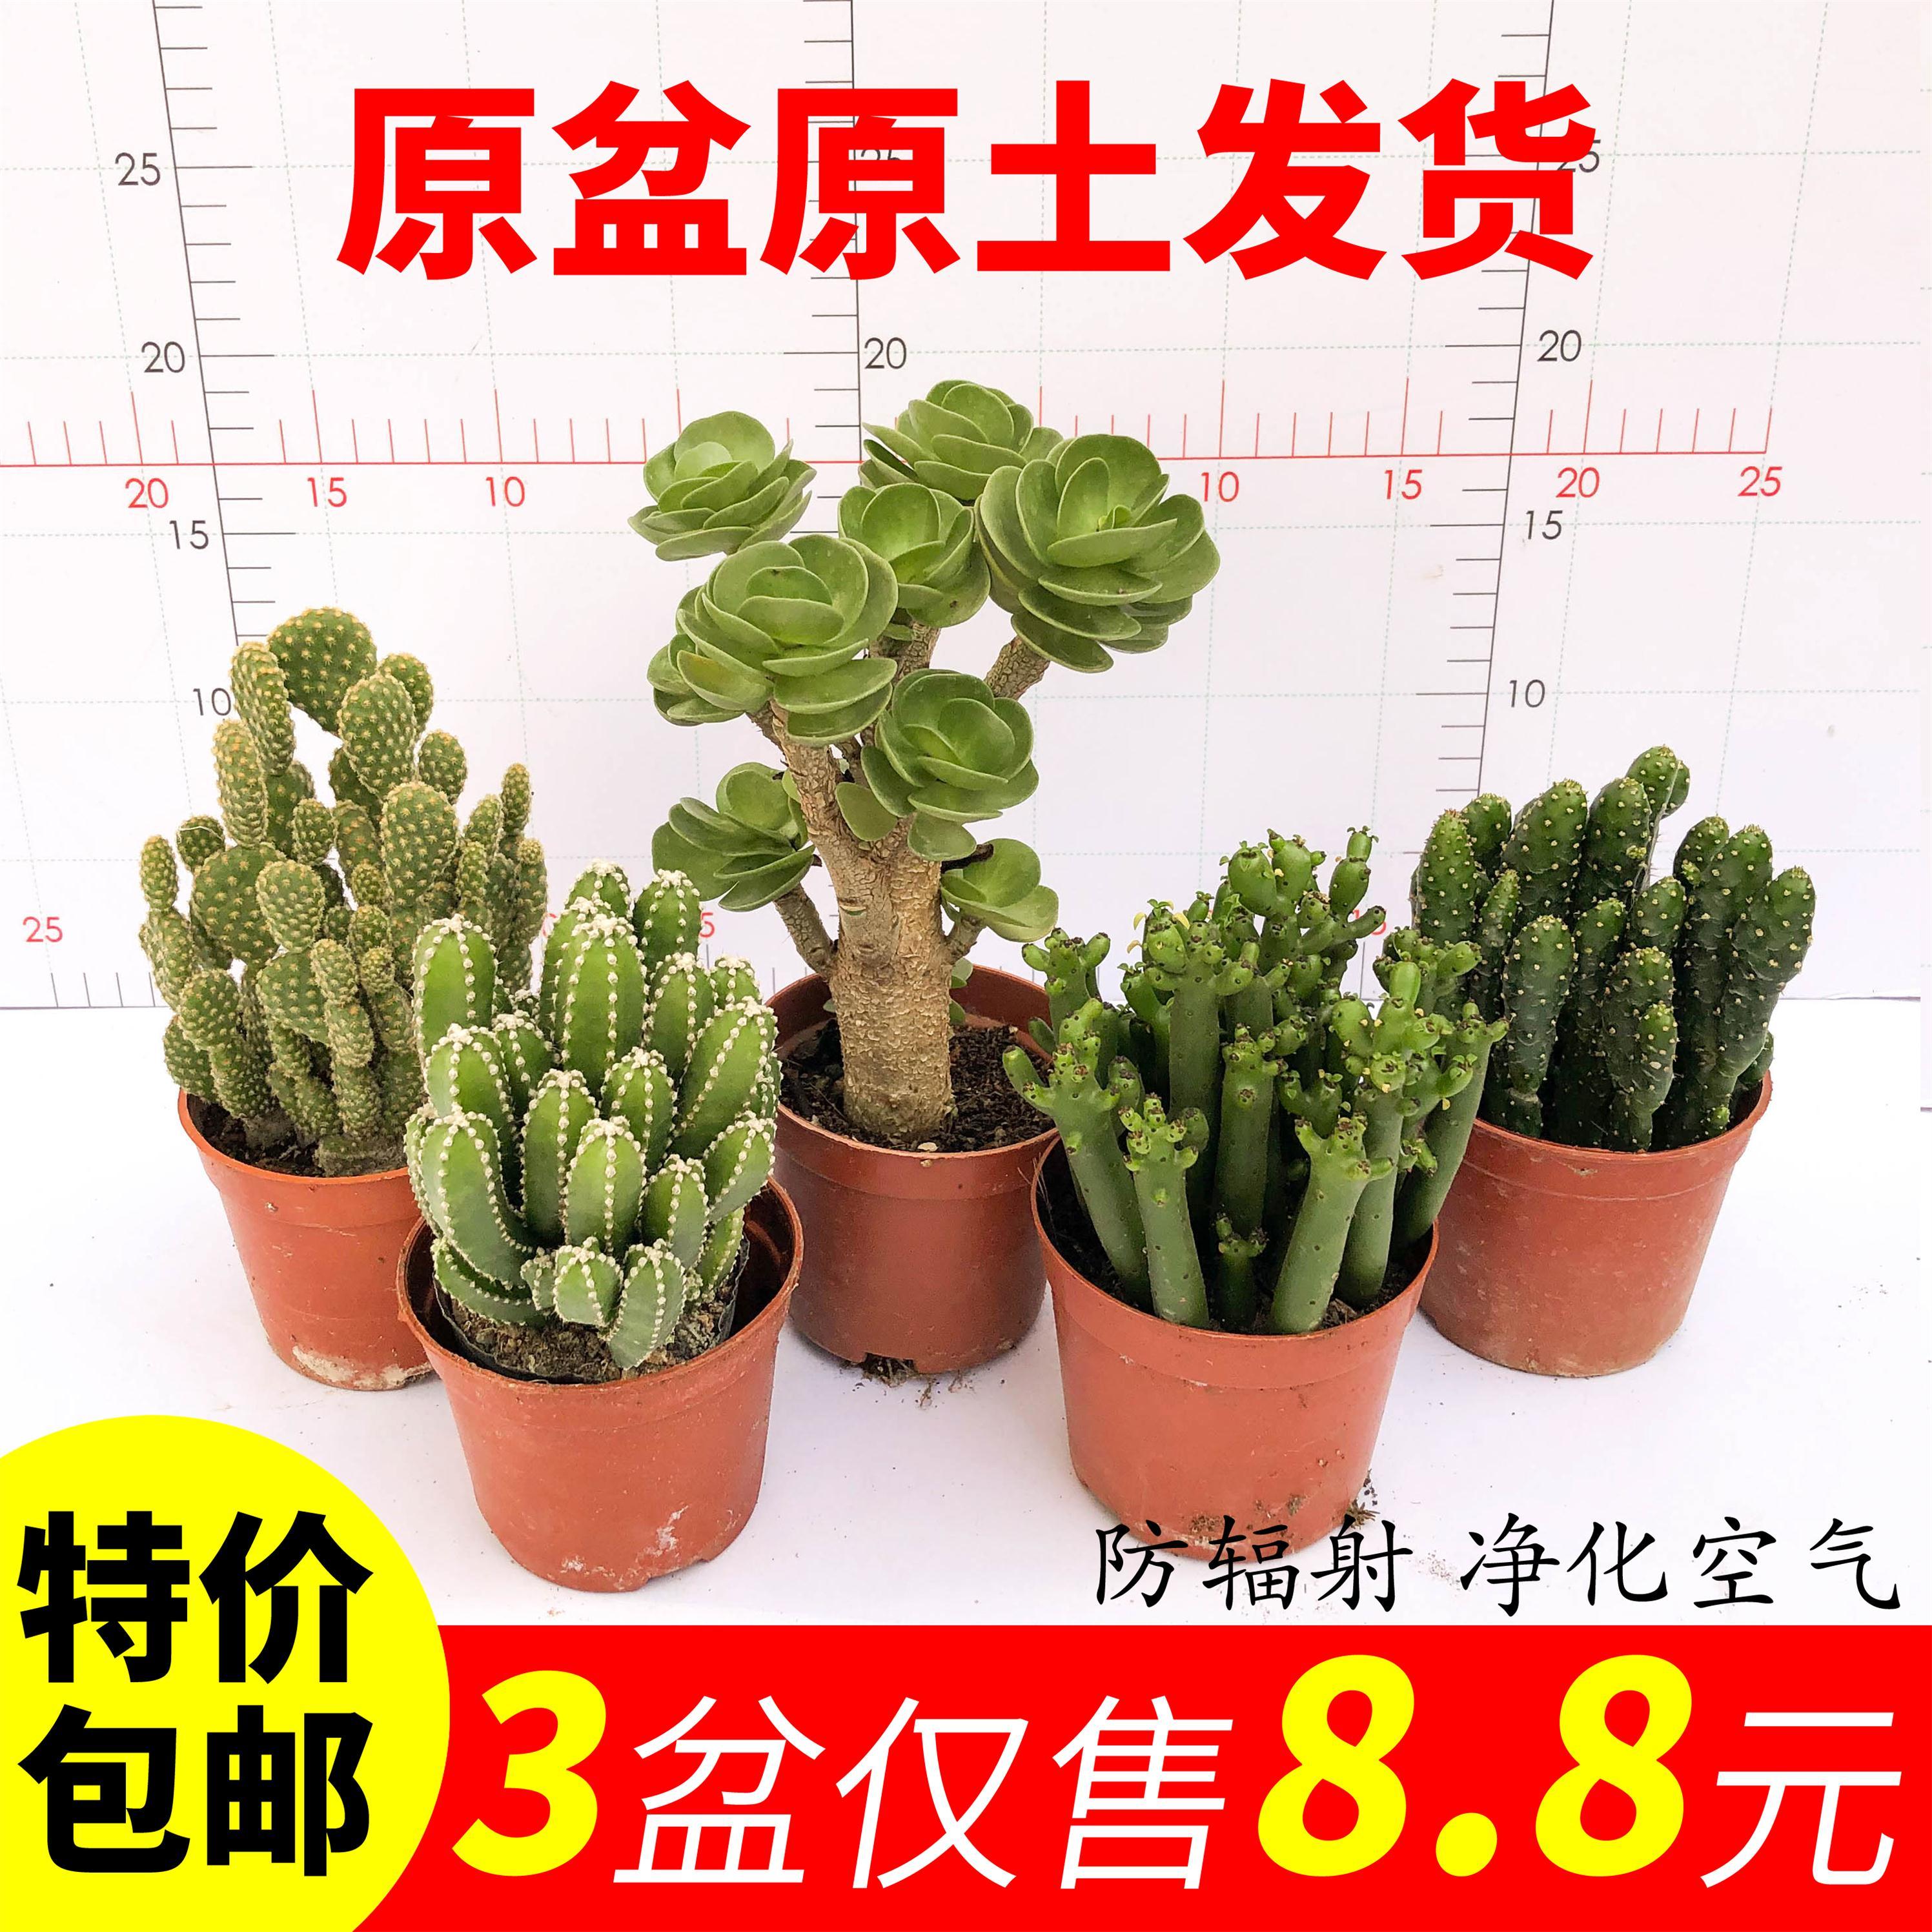 多肉万重山盆栽绿植开花仙人球组合办公室桌面喜阳室内仙人掌植物